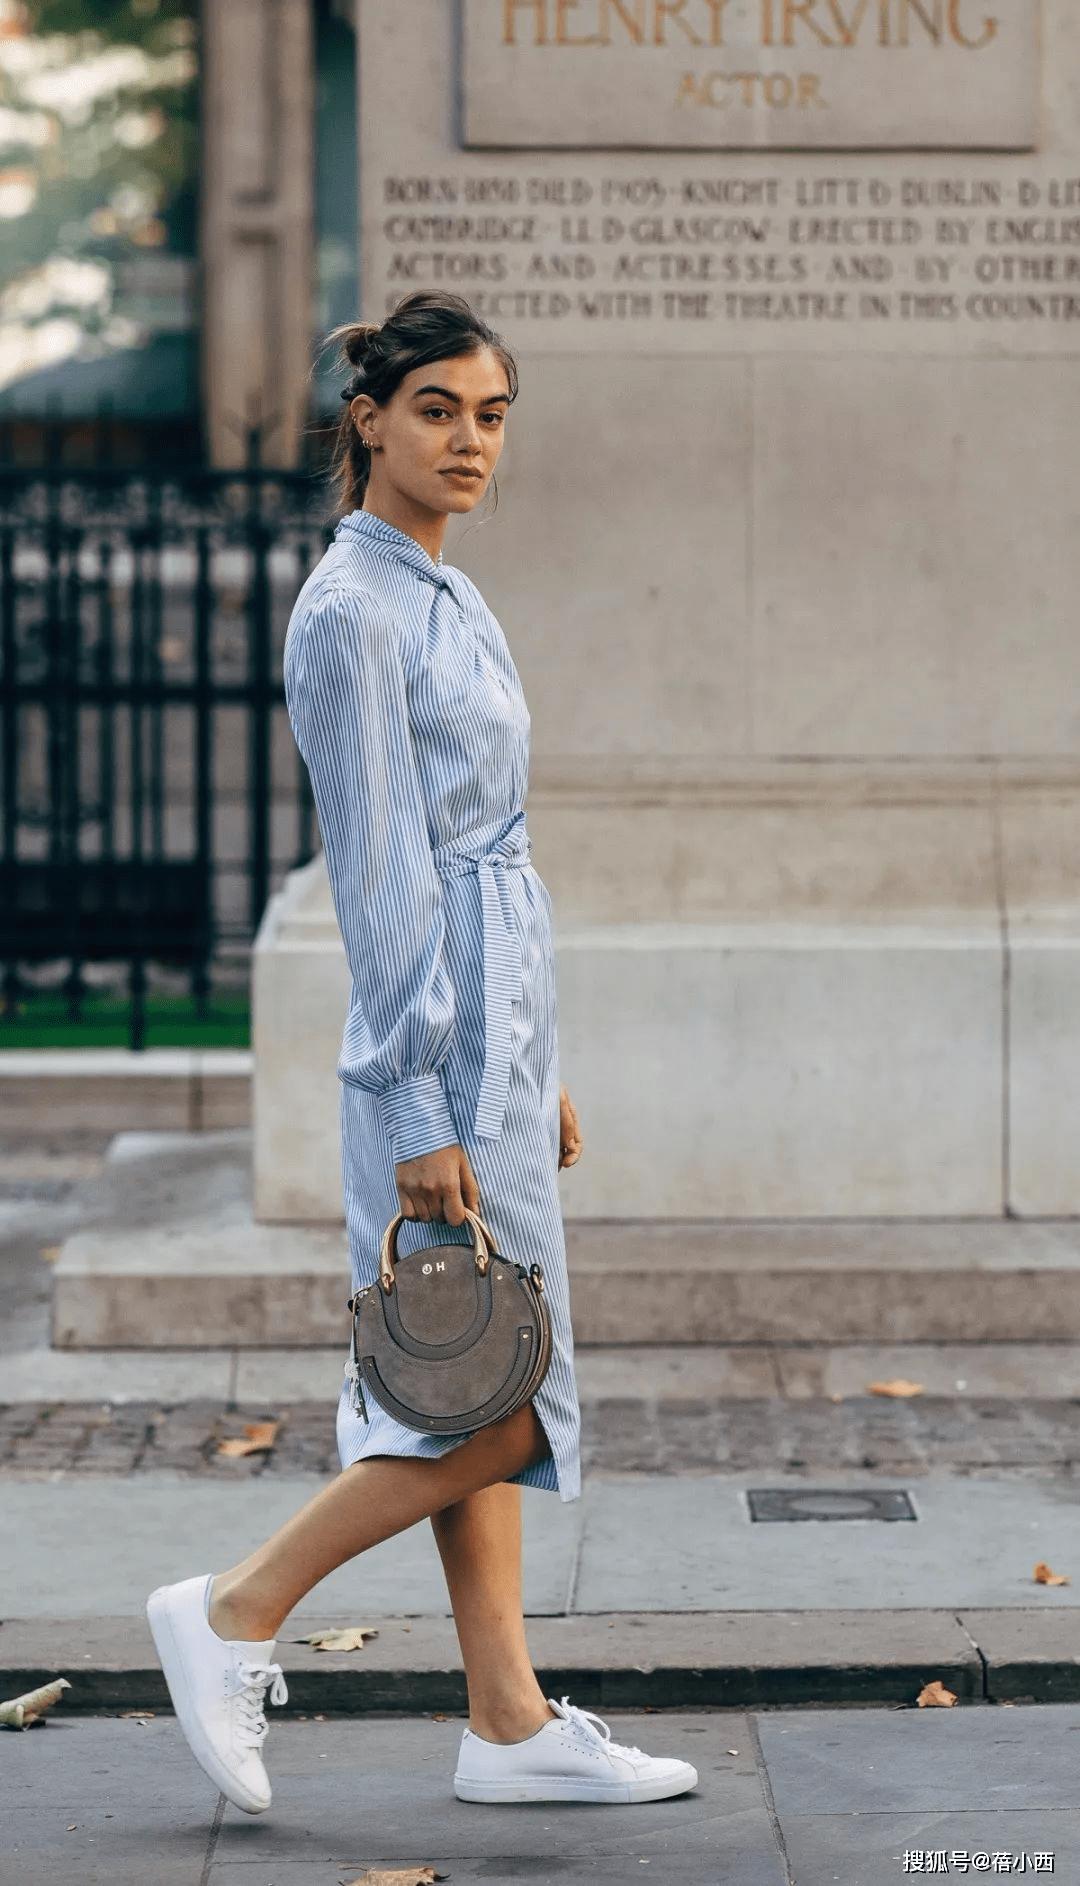 金晨复古风的蓝色+白色怎么穿更时髦?看完你就知道了插图13